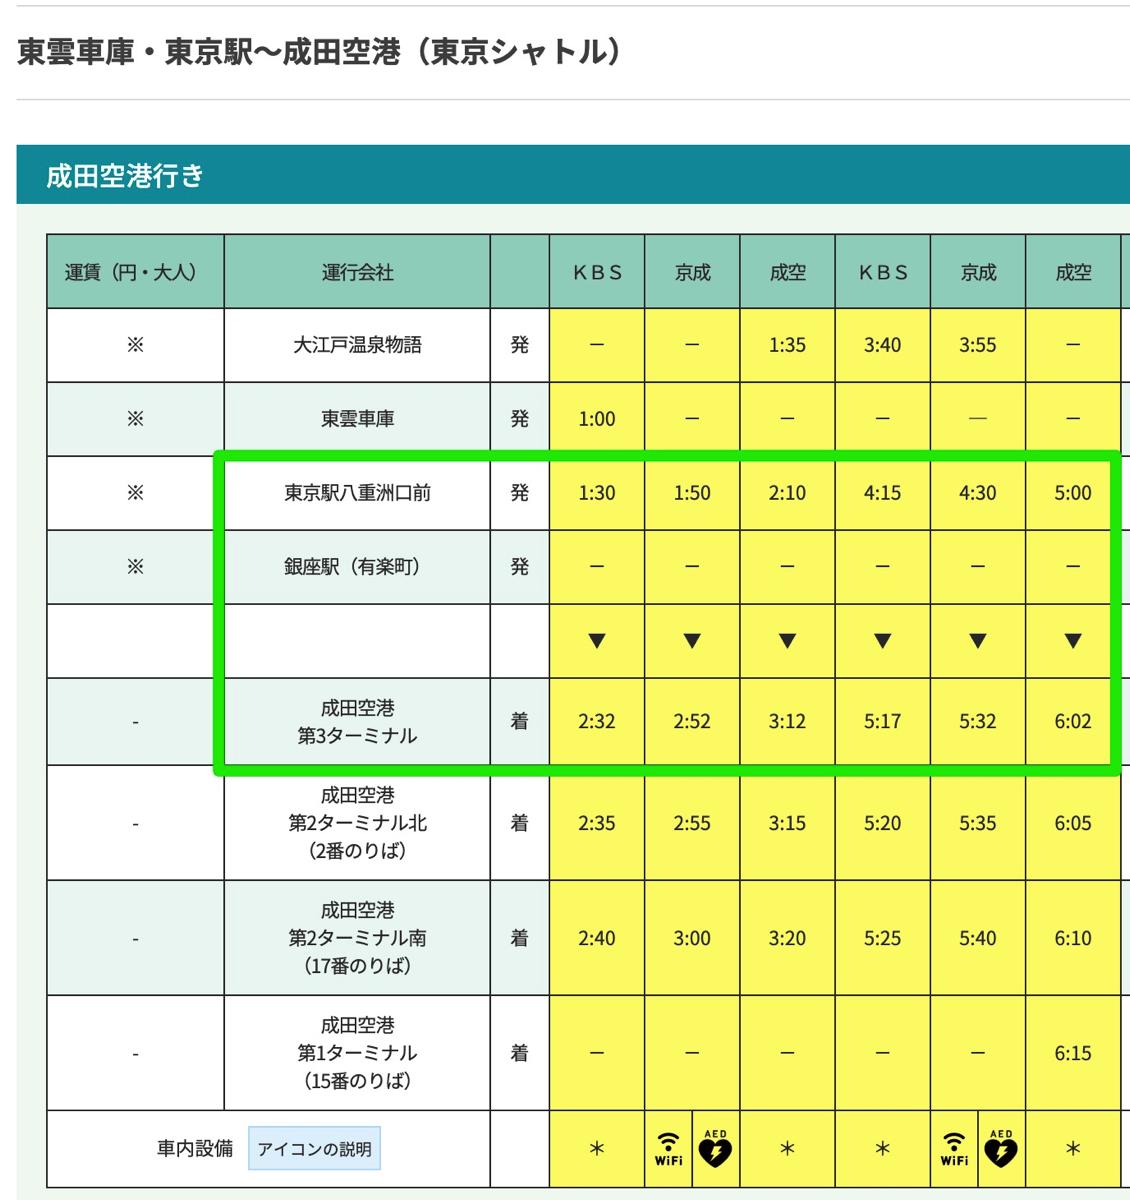 東京シャトル 時刻表(2019/3/28 以降)